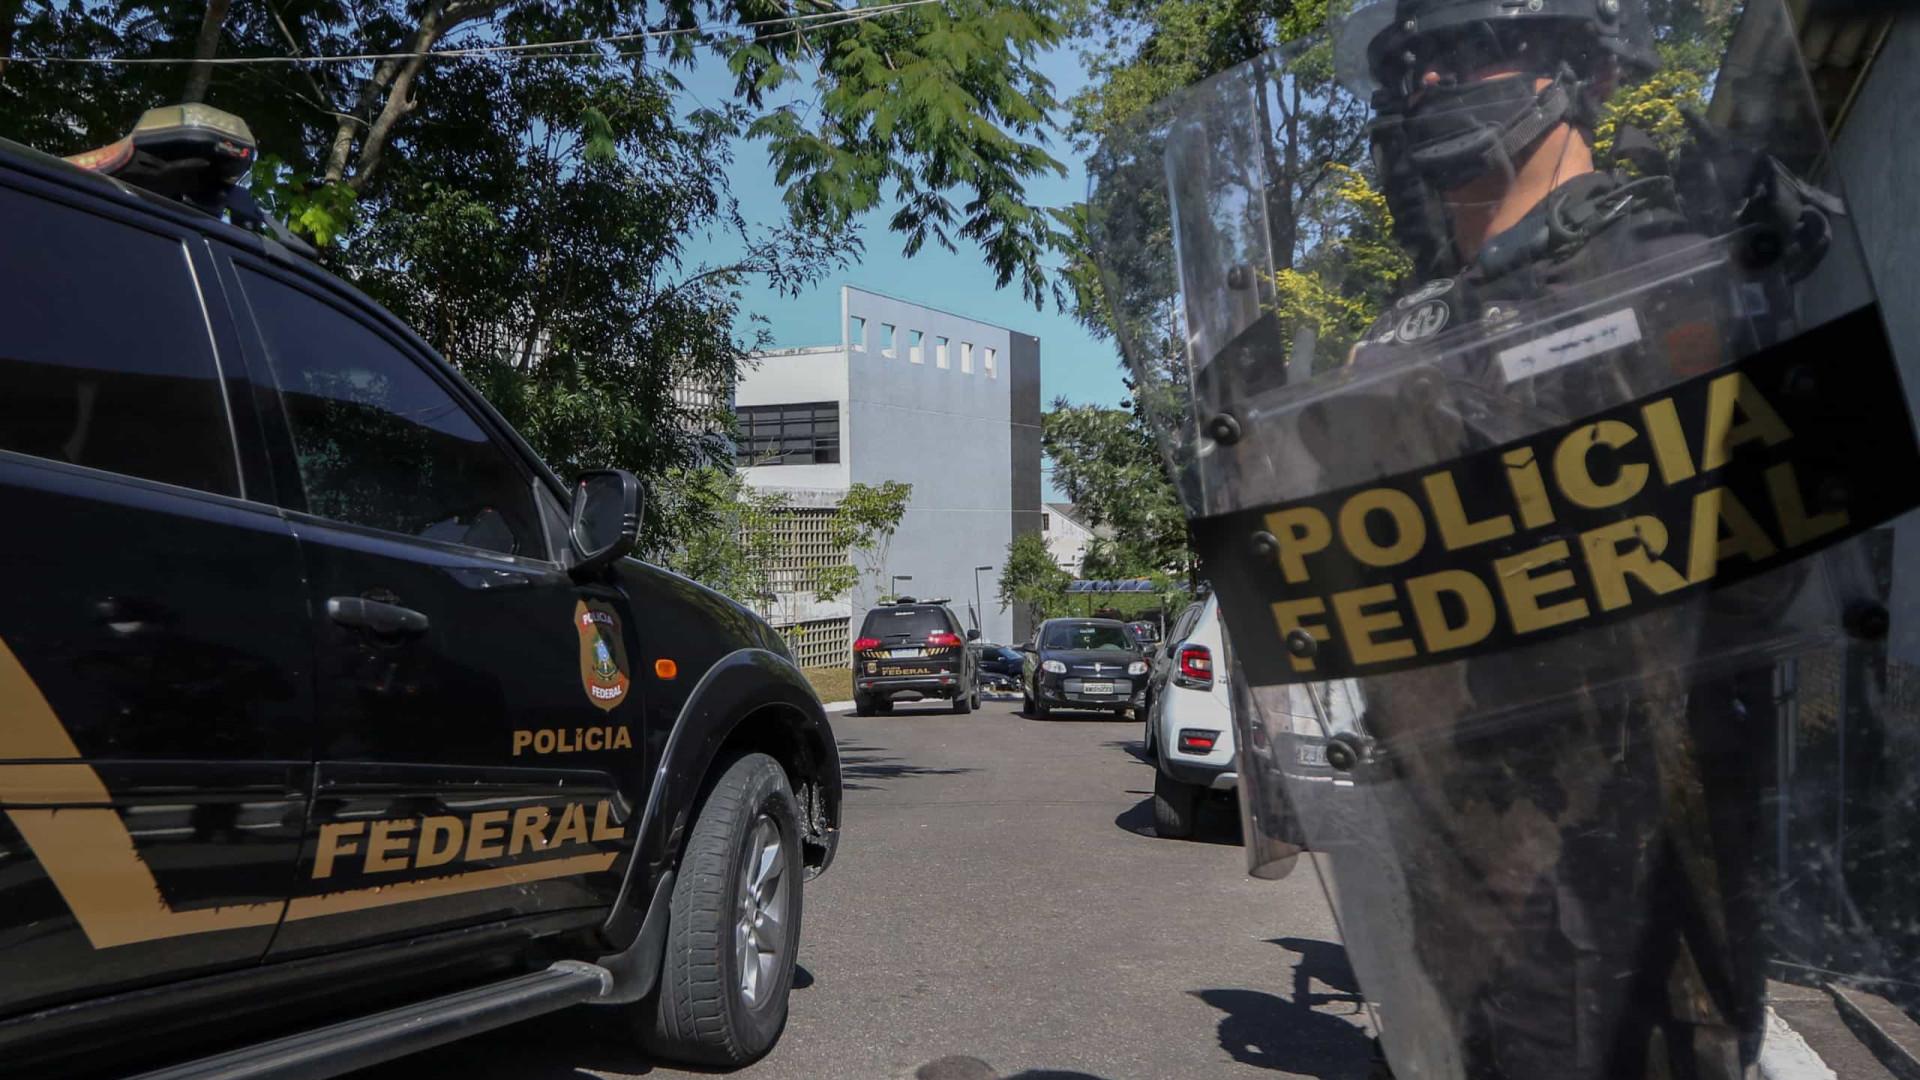 Dupla é presa por desviar máscaras e luvas da Santa Casa de SP